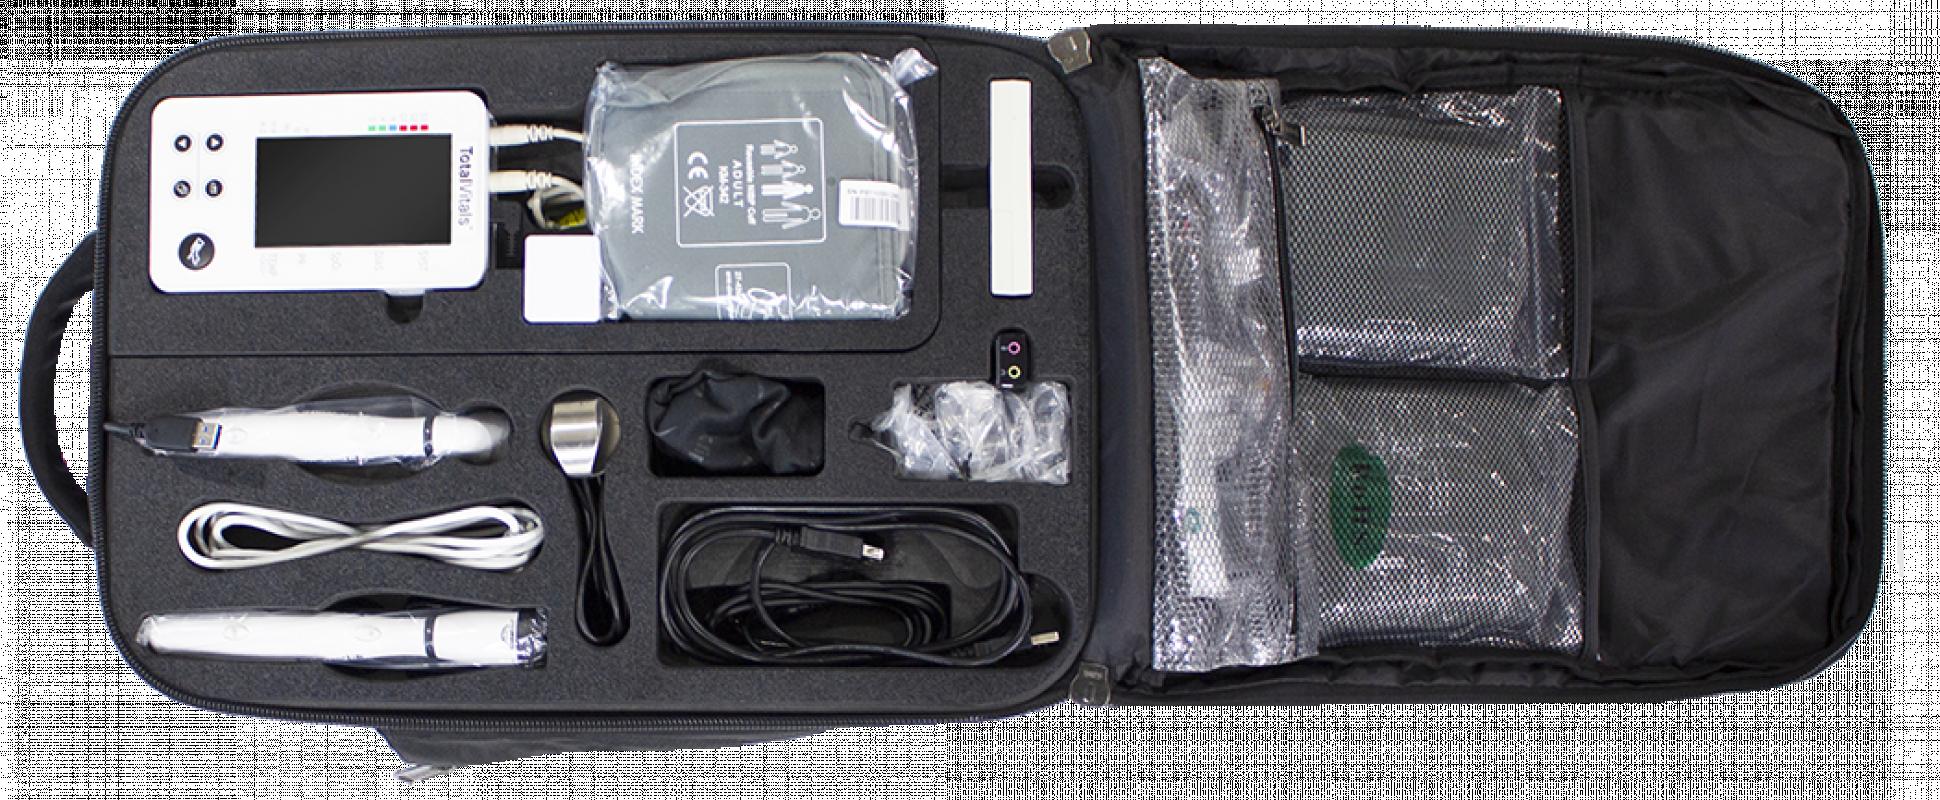 Totalexam backpack inside